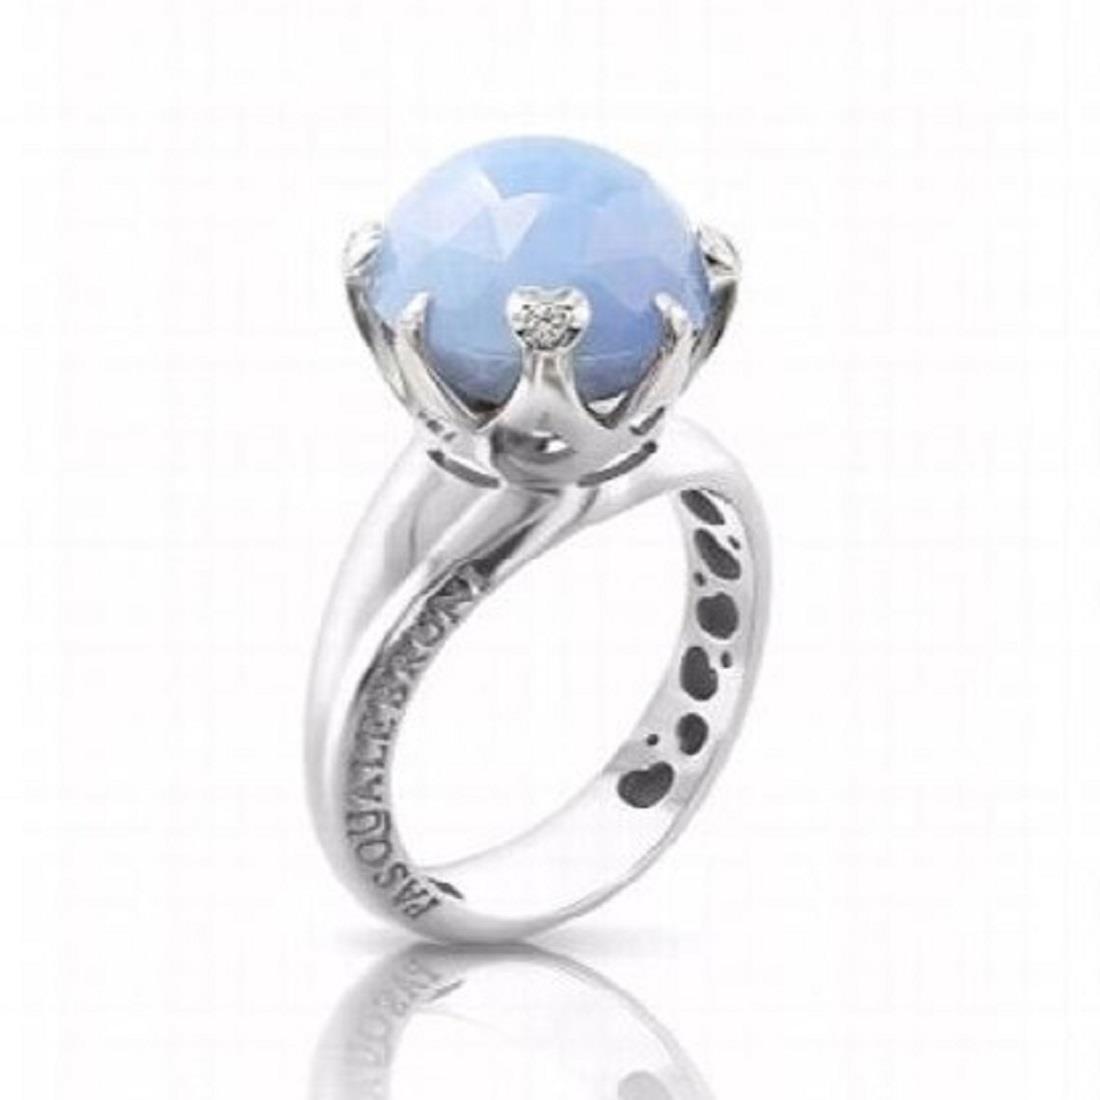 Anello con diamanti e calcedonio - PASQUALE BRUNI